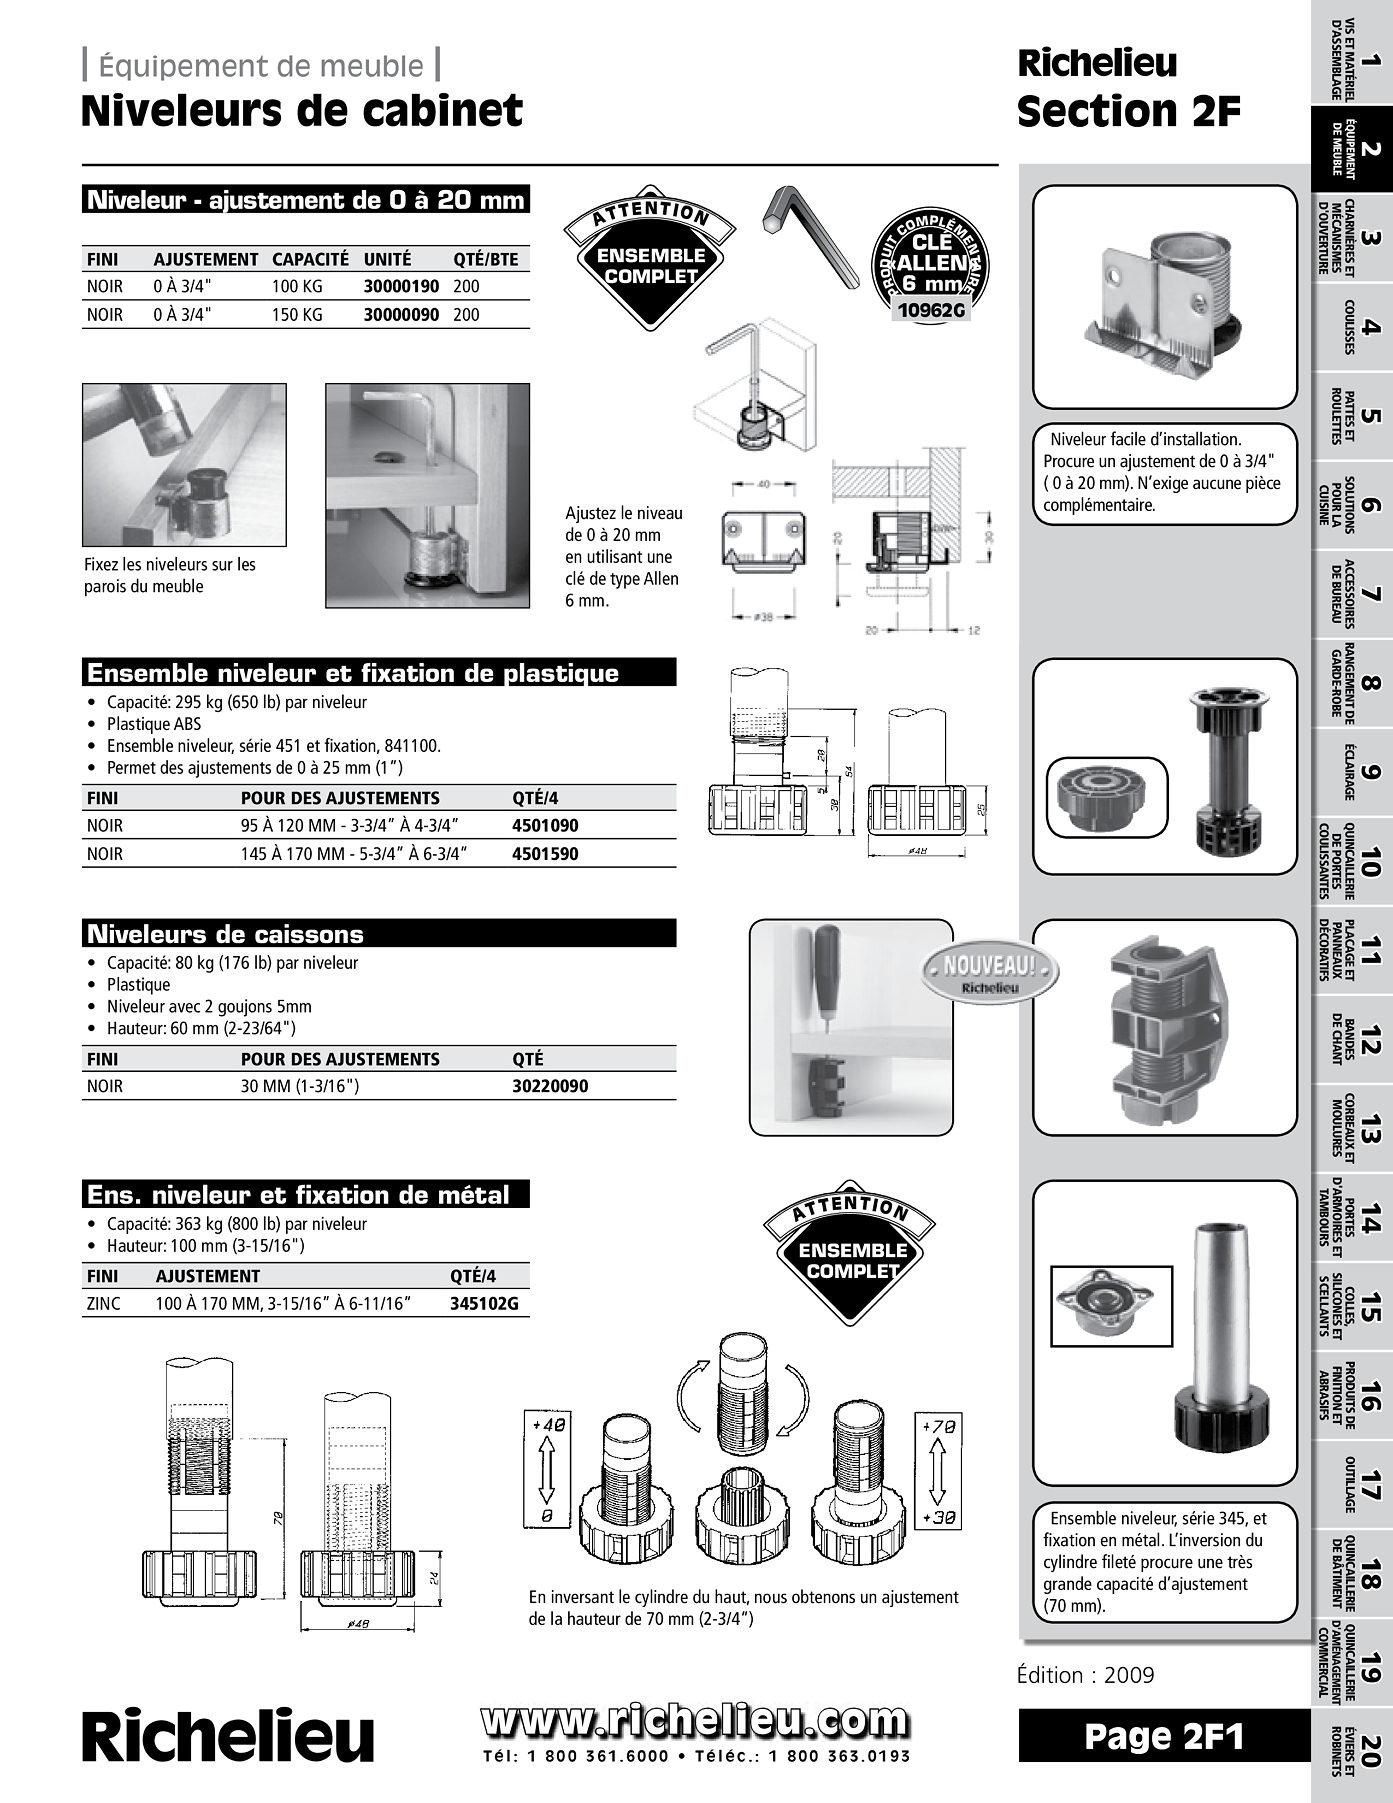 librairie des catalogues richelieu niveleurs de cabinets page 1 quincaillerie richelieu. Black Bedroom Furniture Sets. Home Design Ideas